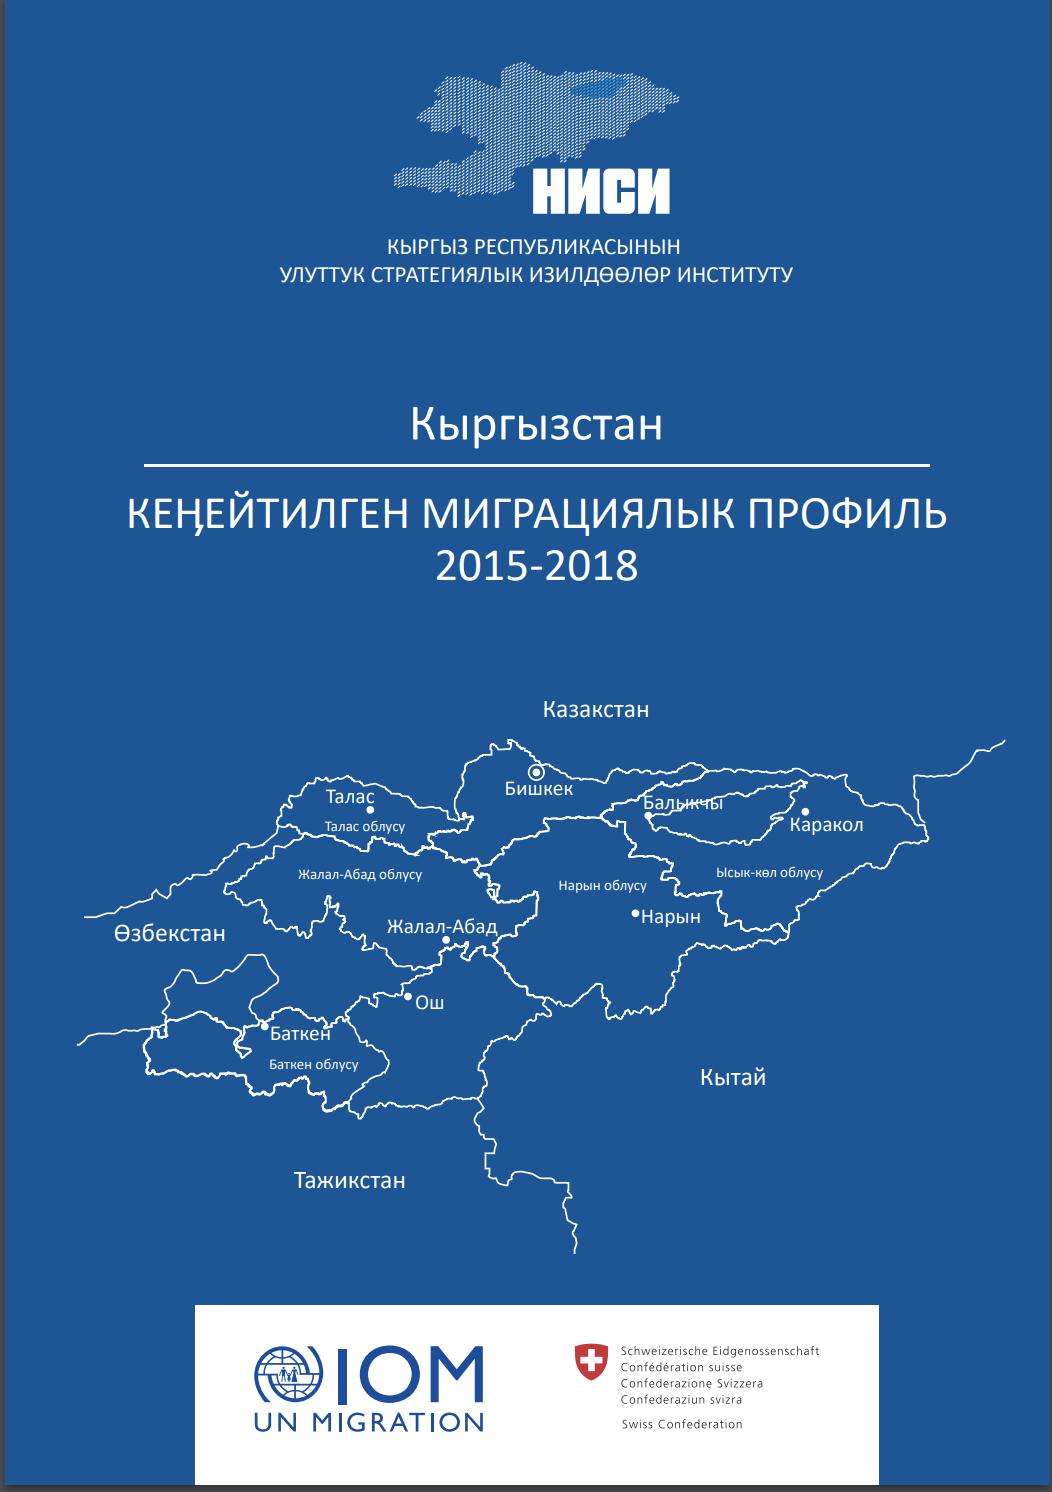 Кыргызстан: Кеңейтилген миграциялык профиль 2015-2018